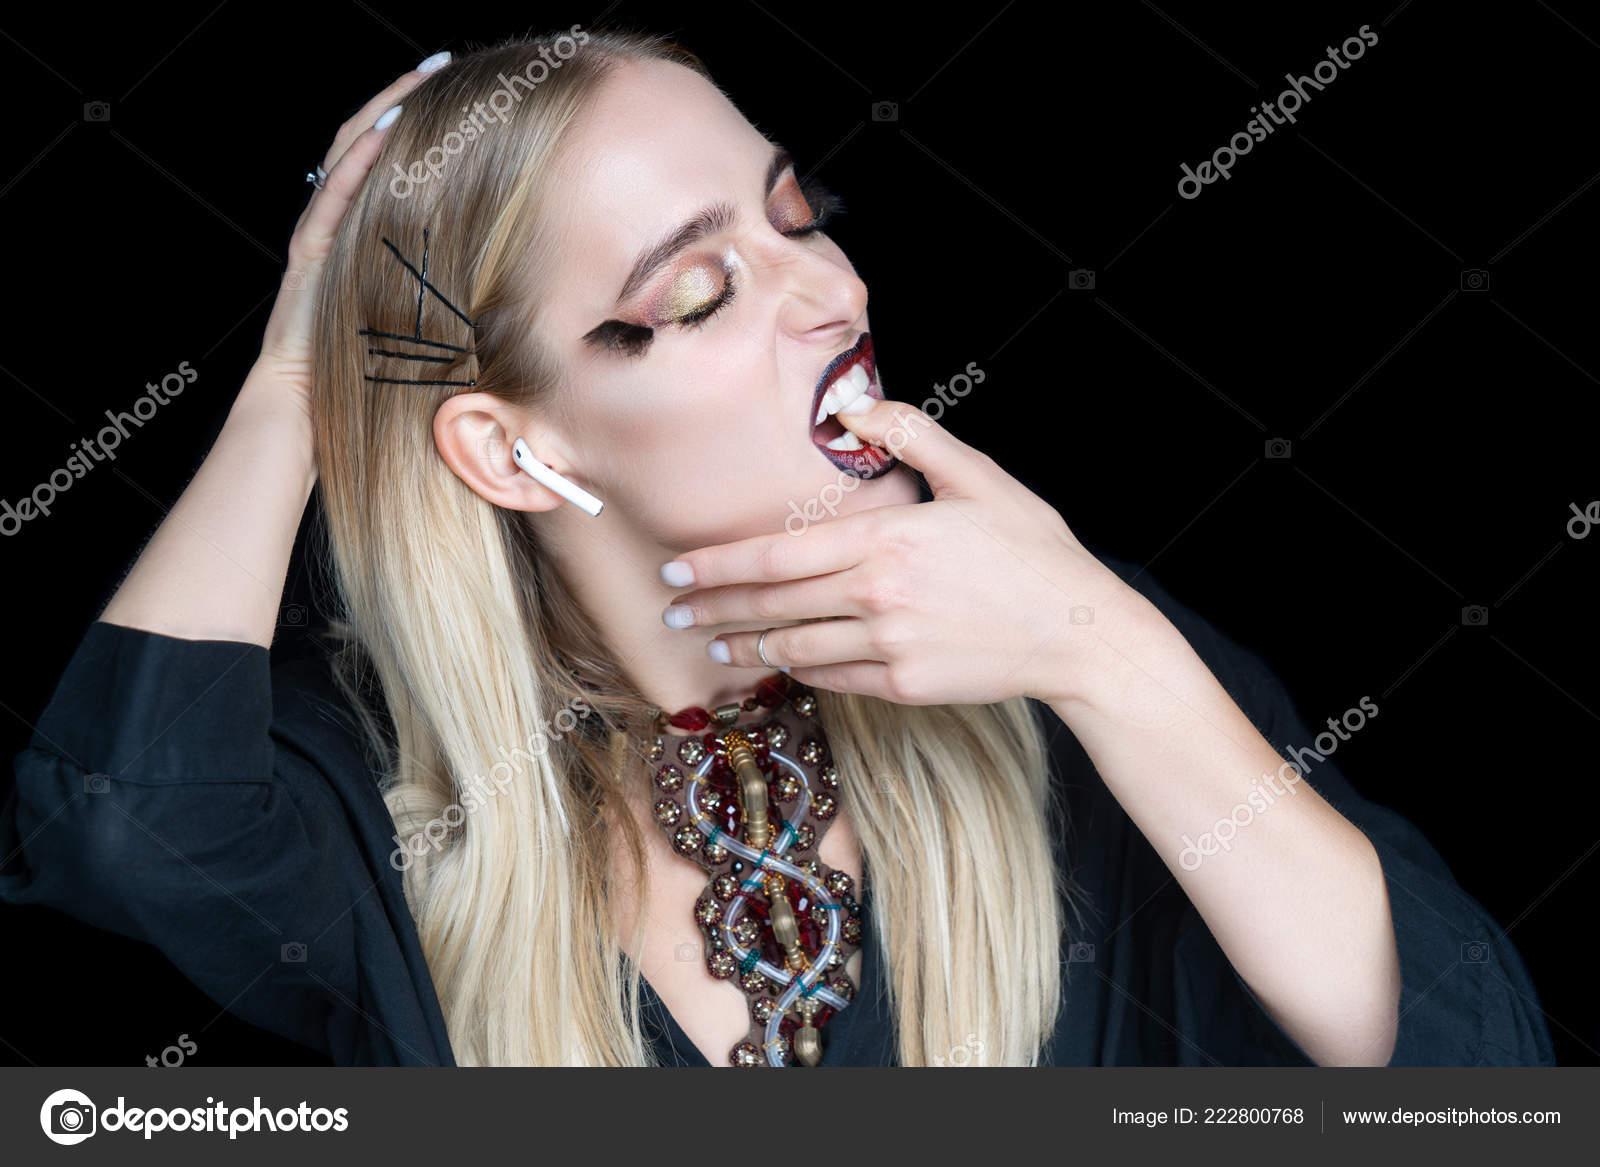 Как сексуально сосать палец, порно где два